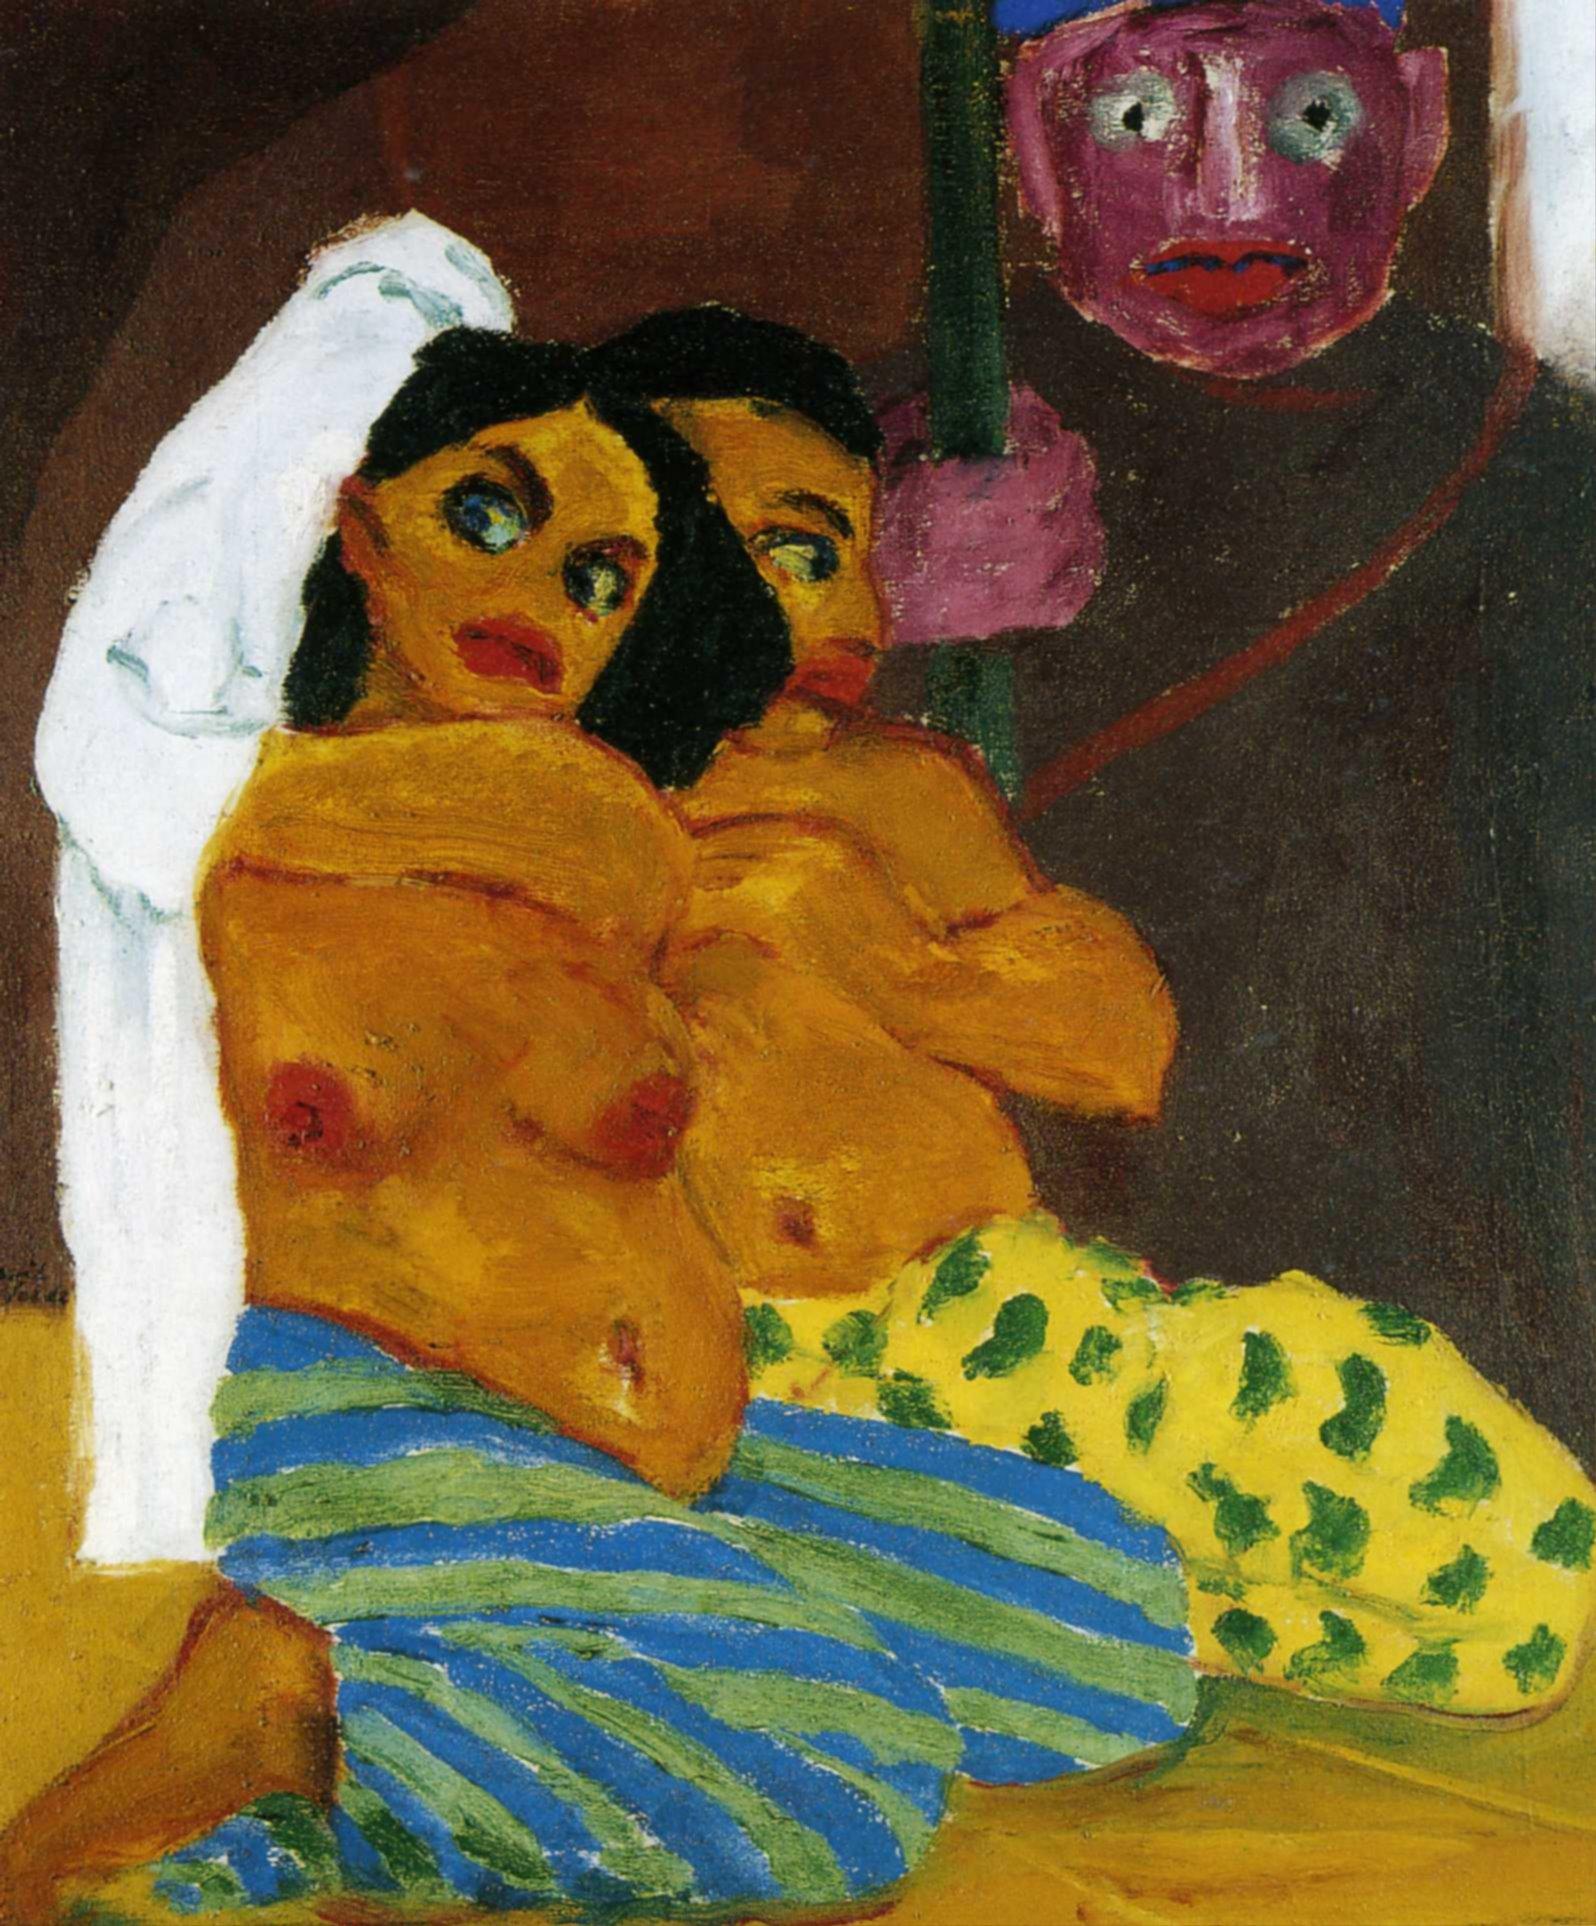 Эмиль Нольде (1867 — 1956) — один из ведущих немецких художников-экспрессионистов, считается одним из величайших акварелистов XX века. 1912. «Обнаженные и евнух»